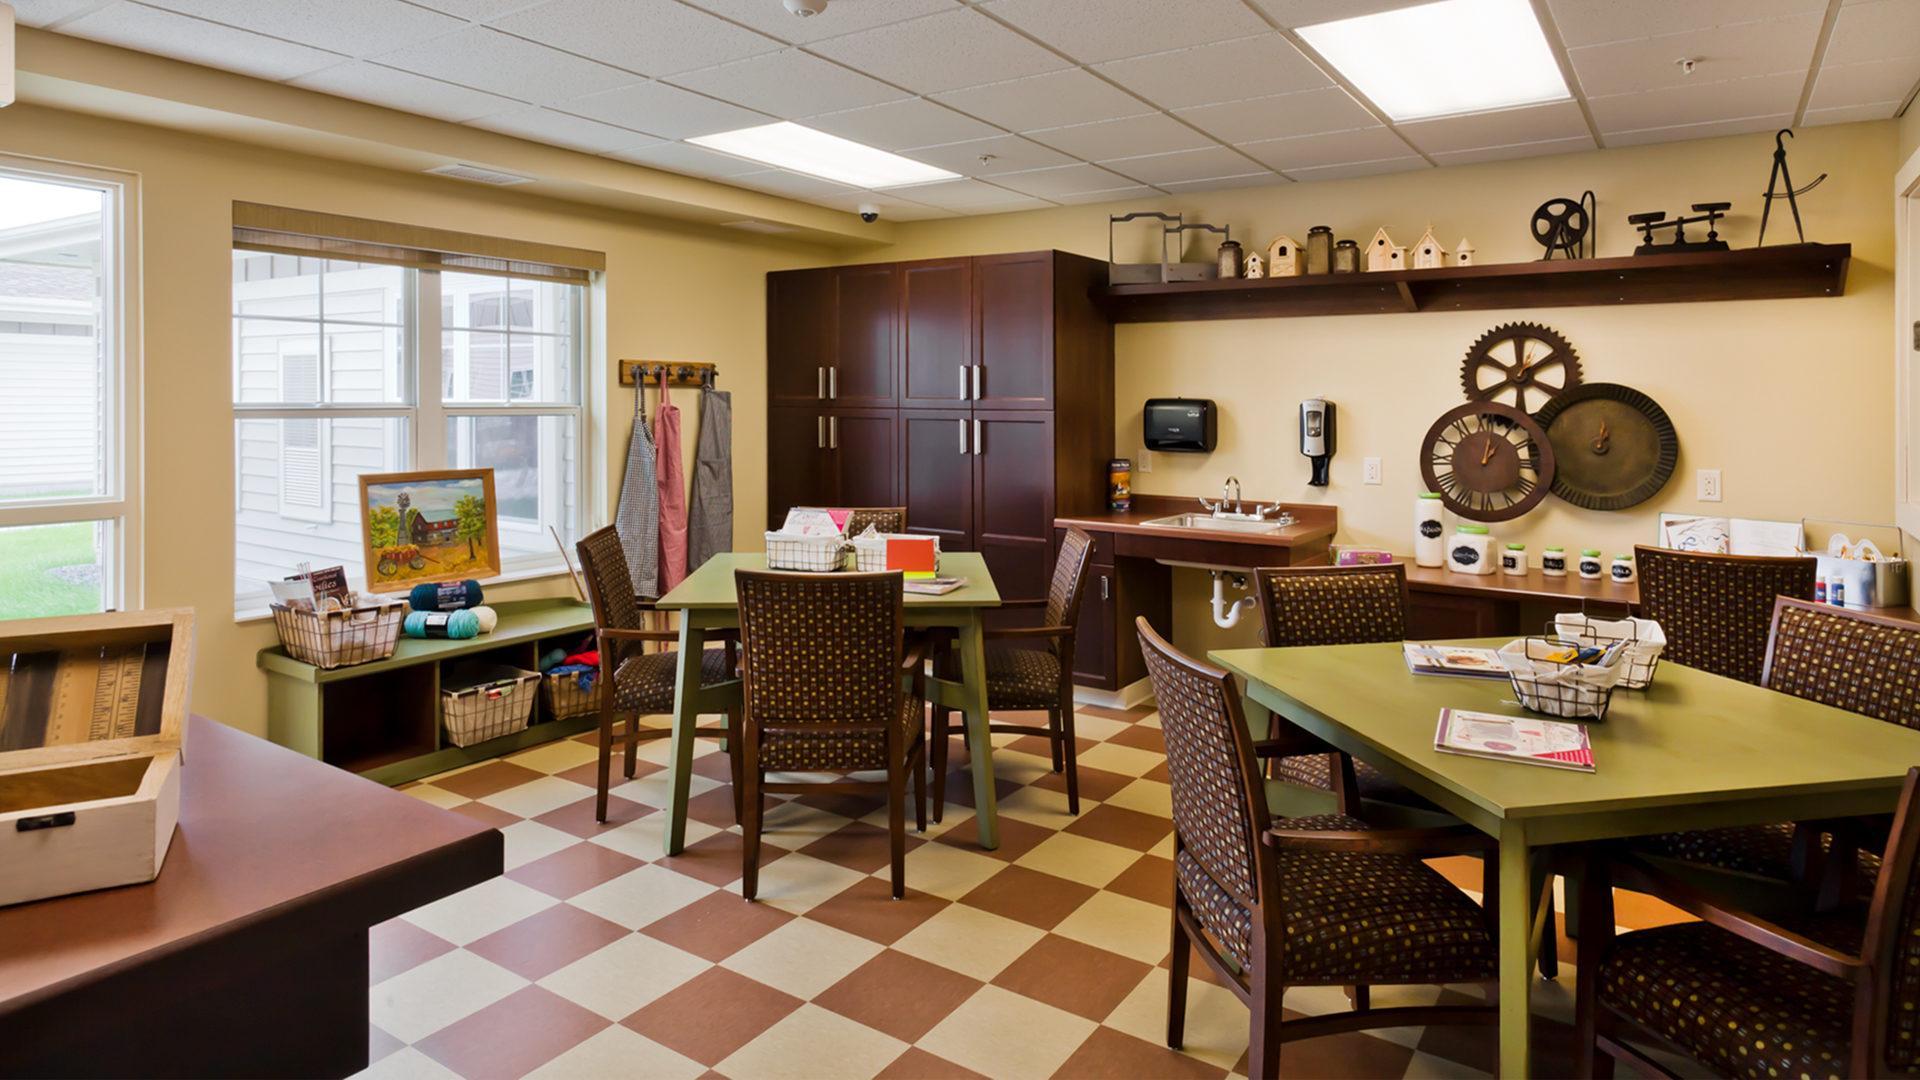 Good Samaritan Society International Falls Interior Craft Room